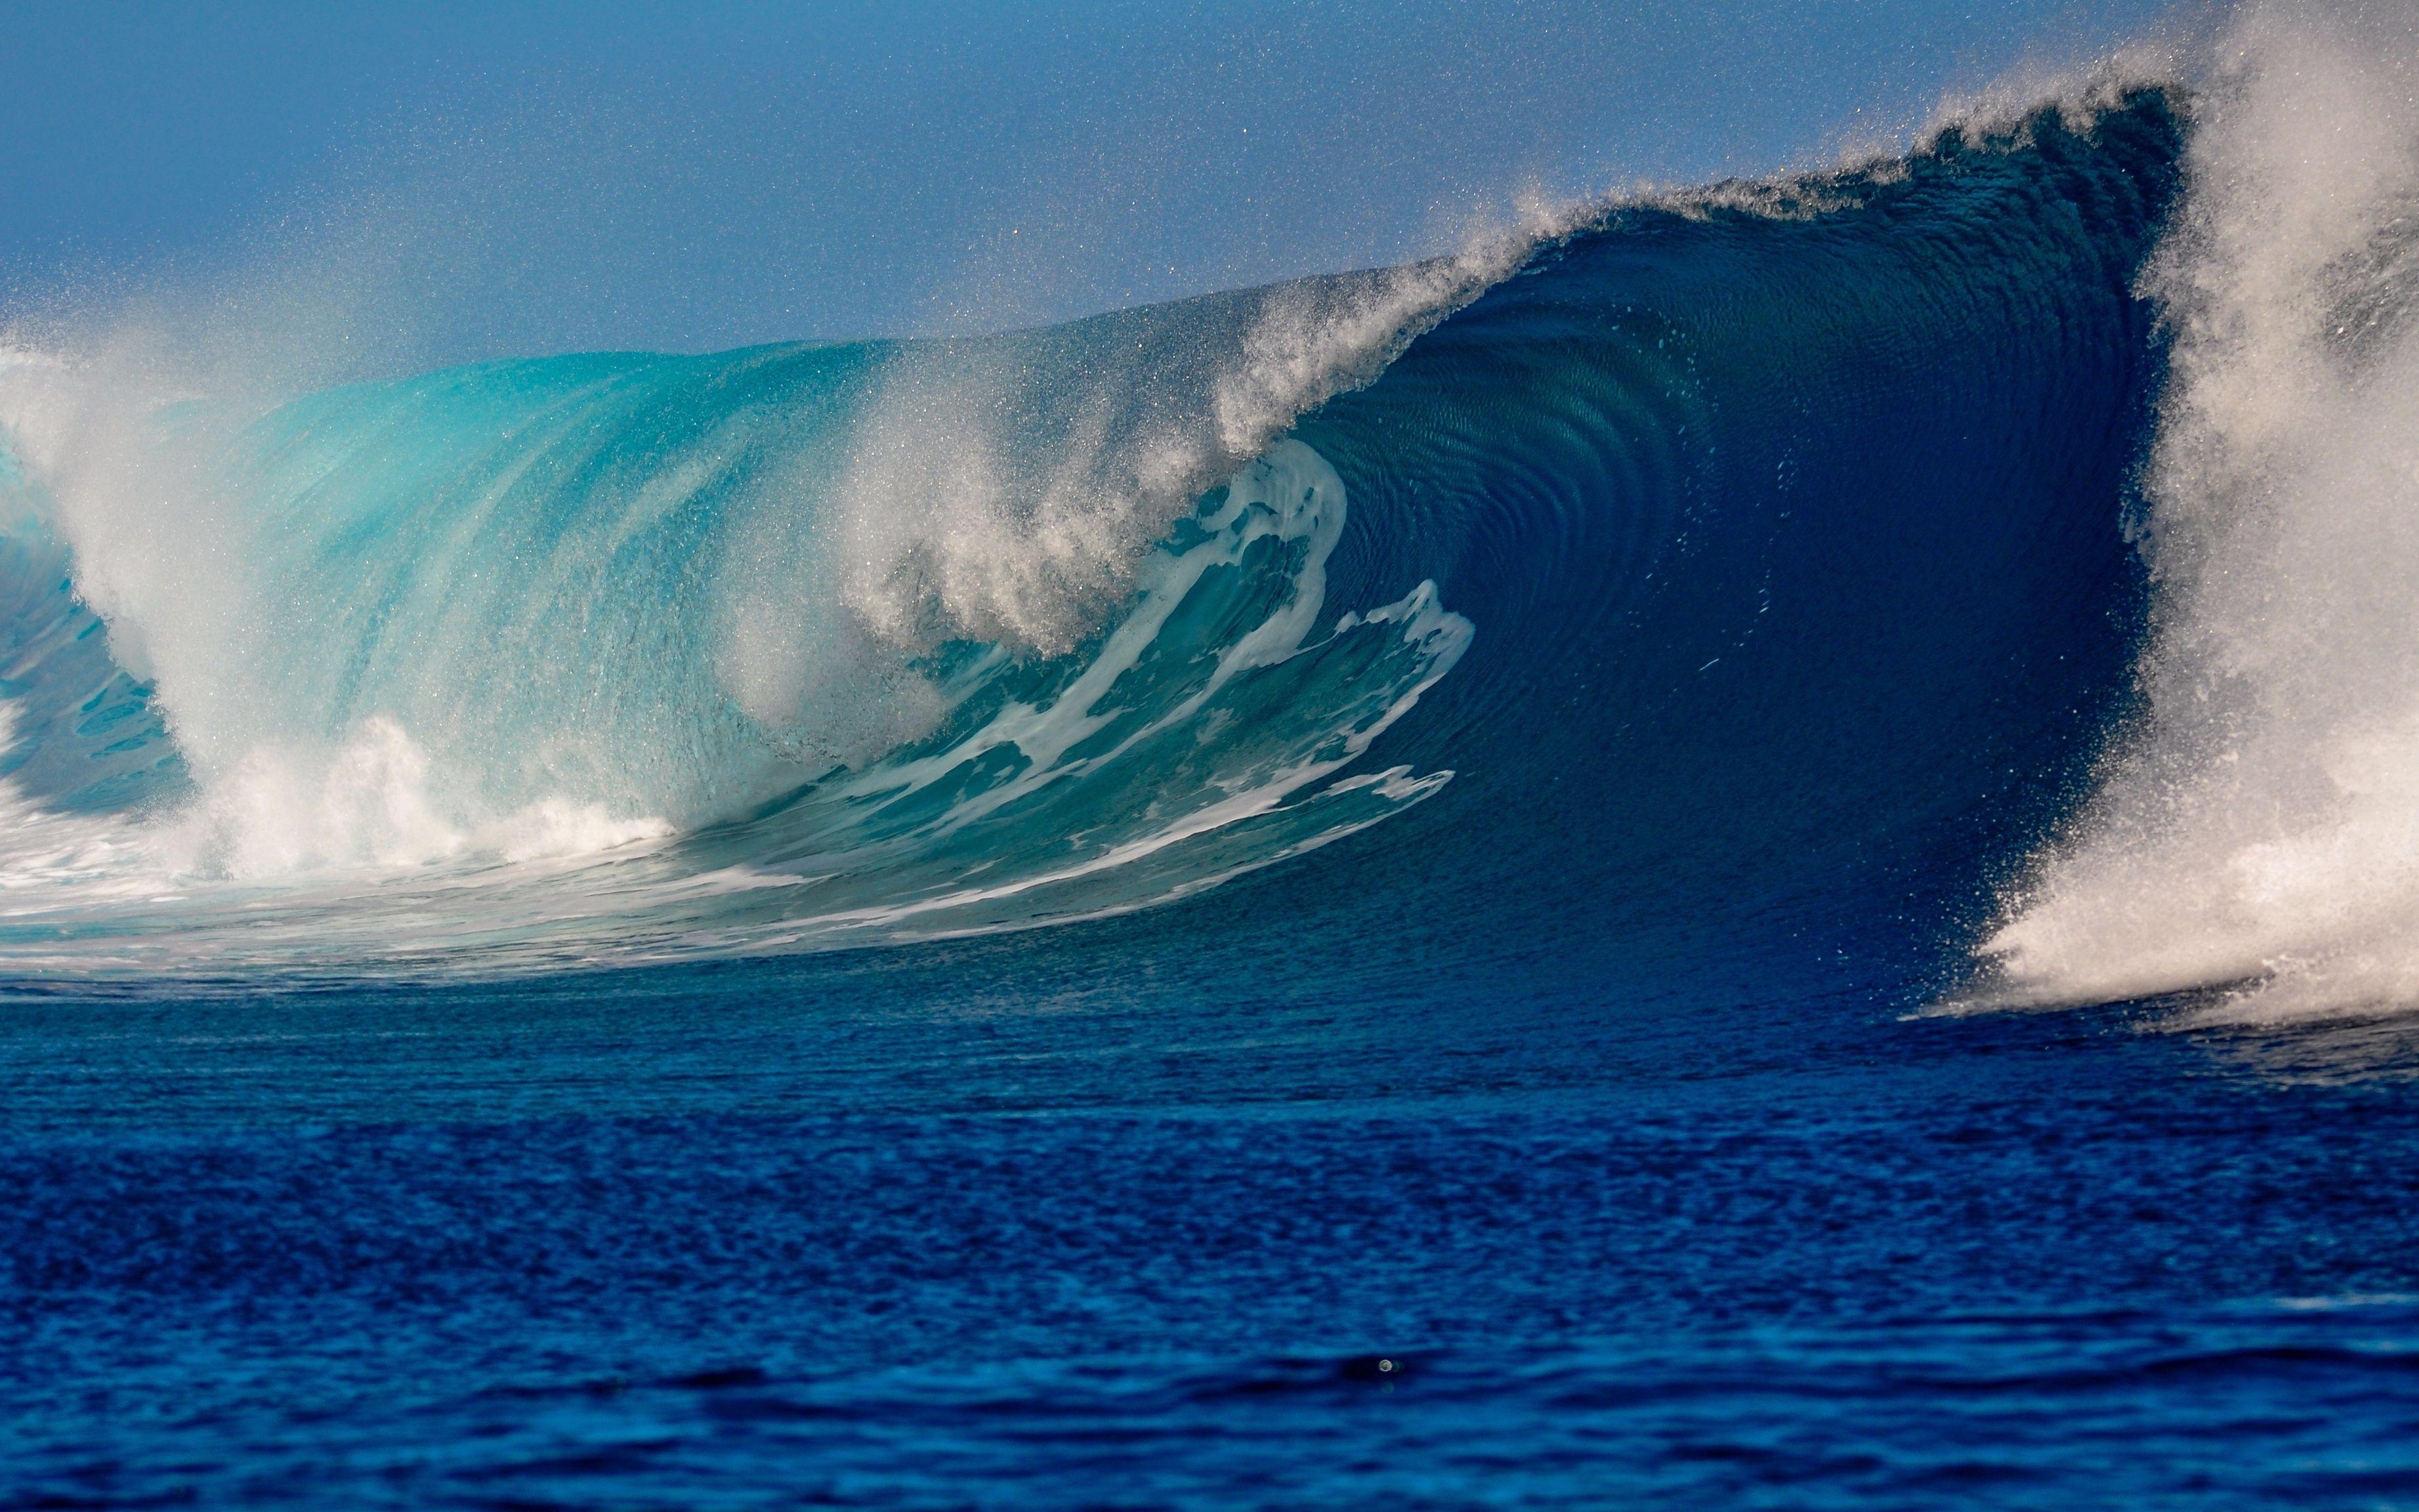 дочь самая красивая картинка море в мире следователи допросили лихача